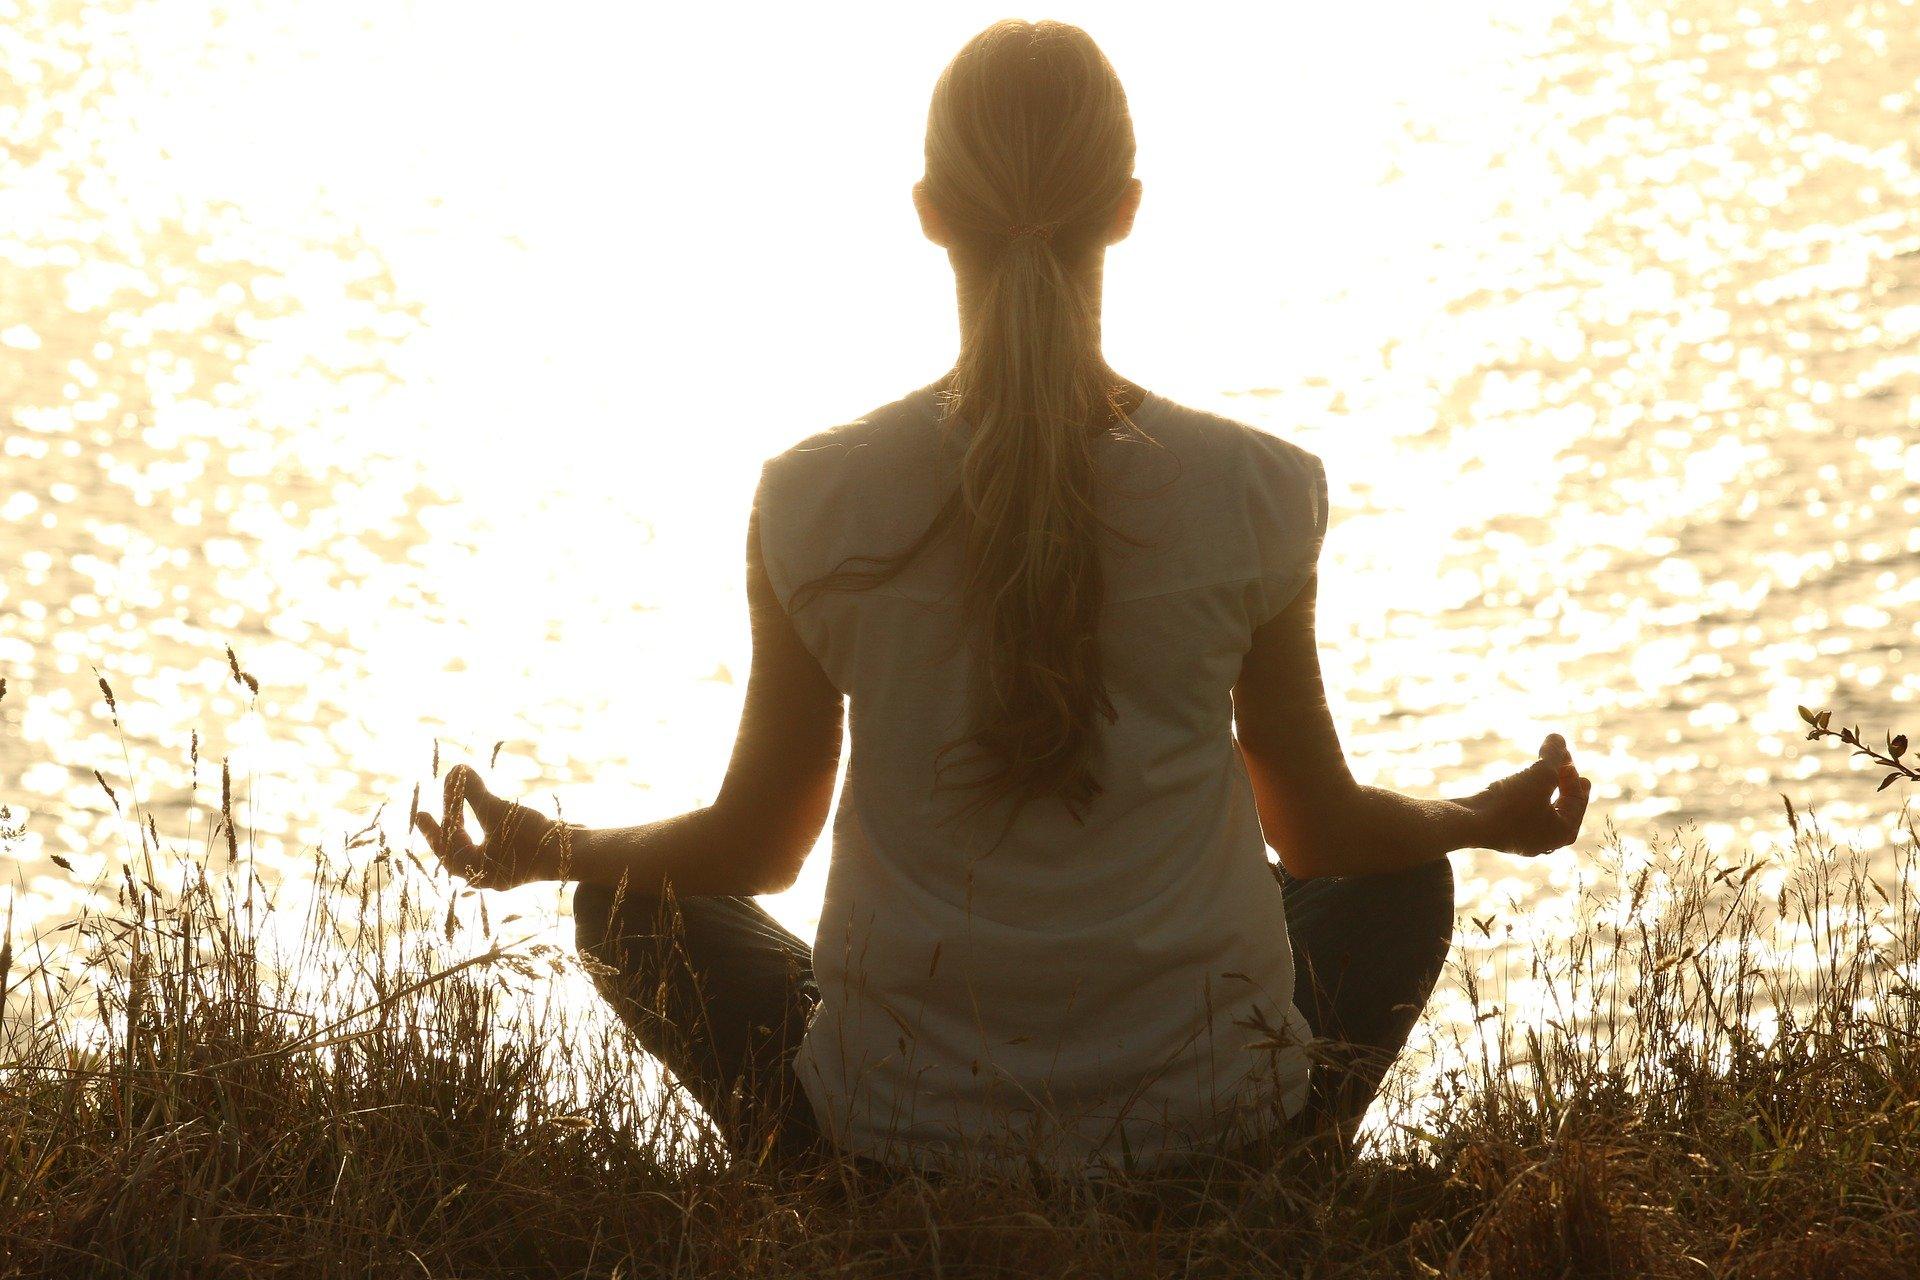 ingredientes para gestionar el hambre emocional, meditación